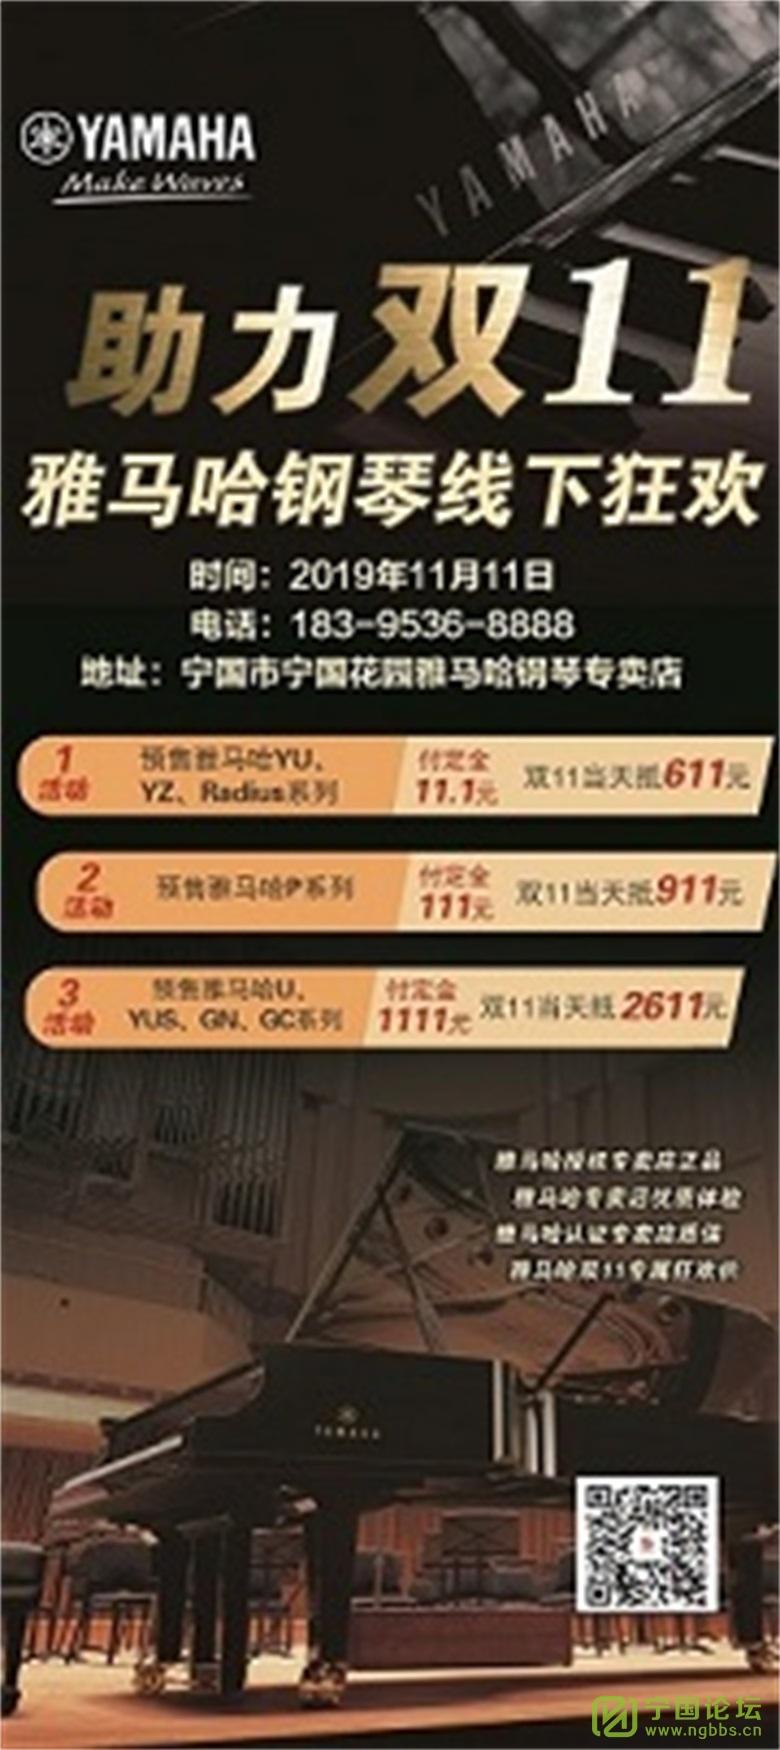 预存抢占名额,不满意定金全退 - 宁国论坛 - 80x180cm改好.jpg